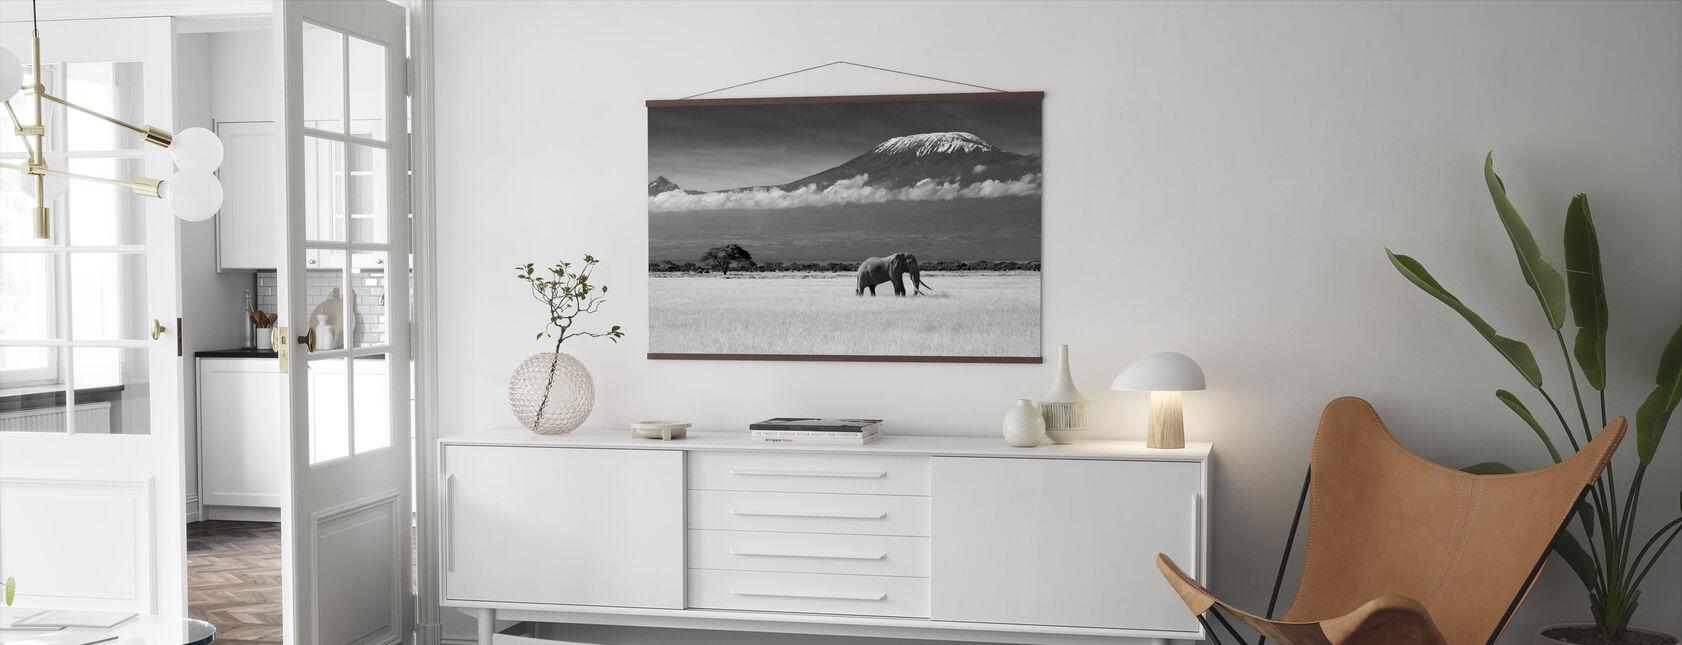 Elephant Landscape - Poster - Living Room